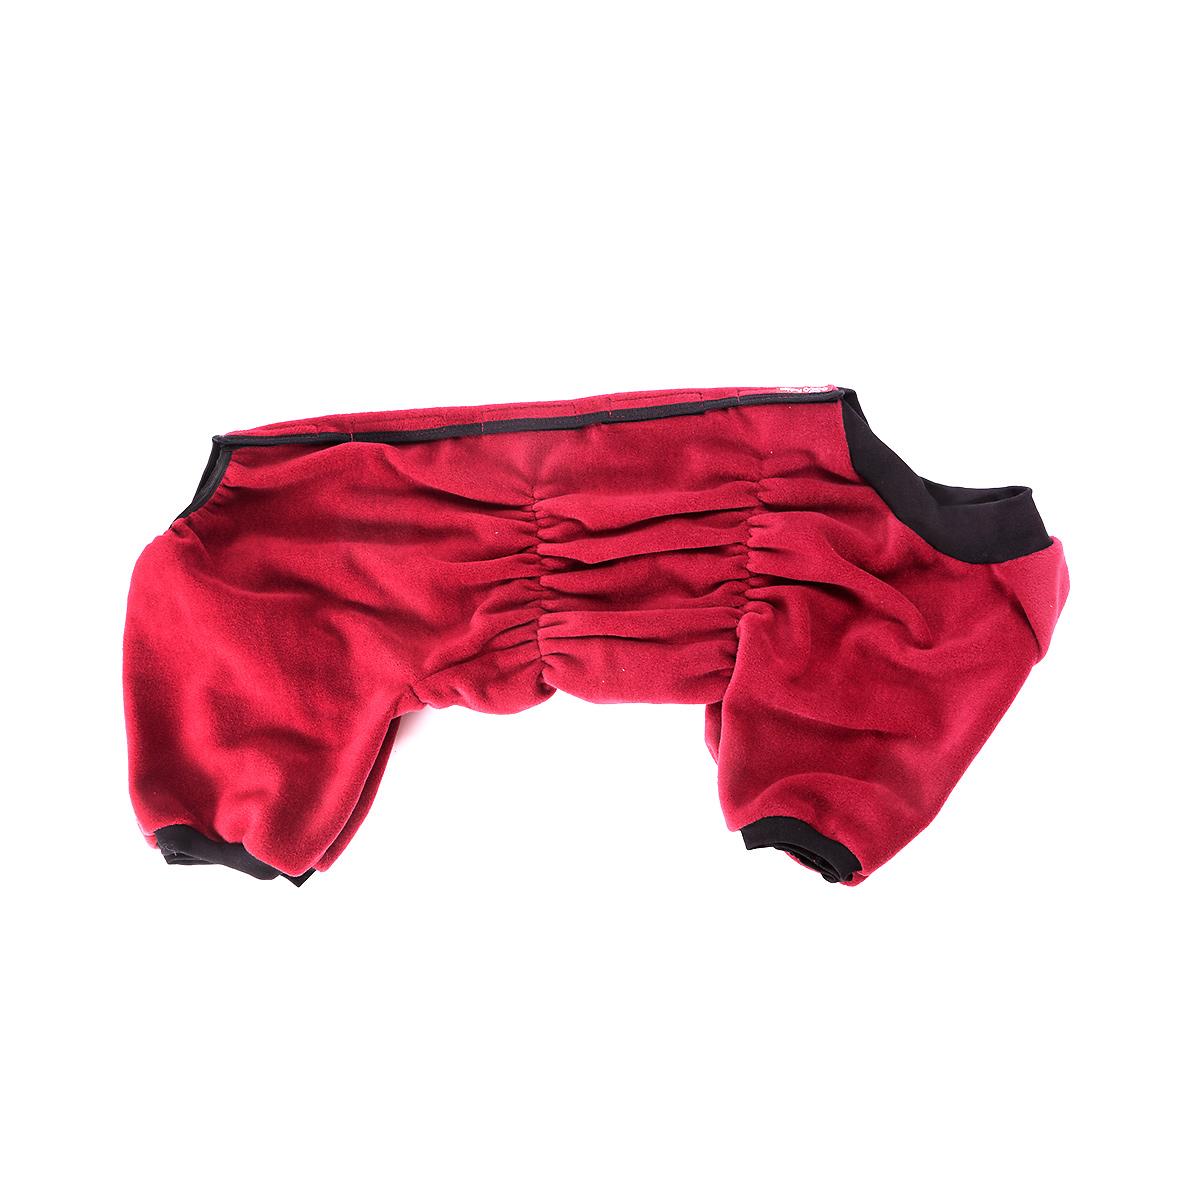 """Комбинезон для собак """"Osso Fashion"""", для девочки, цвет: бордовый. Размер 35"""